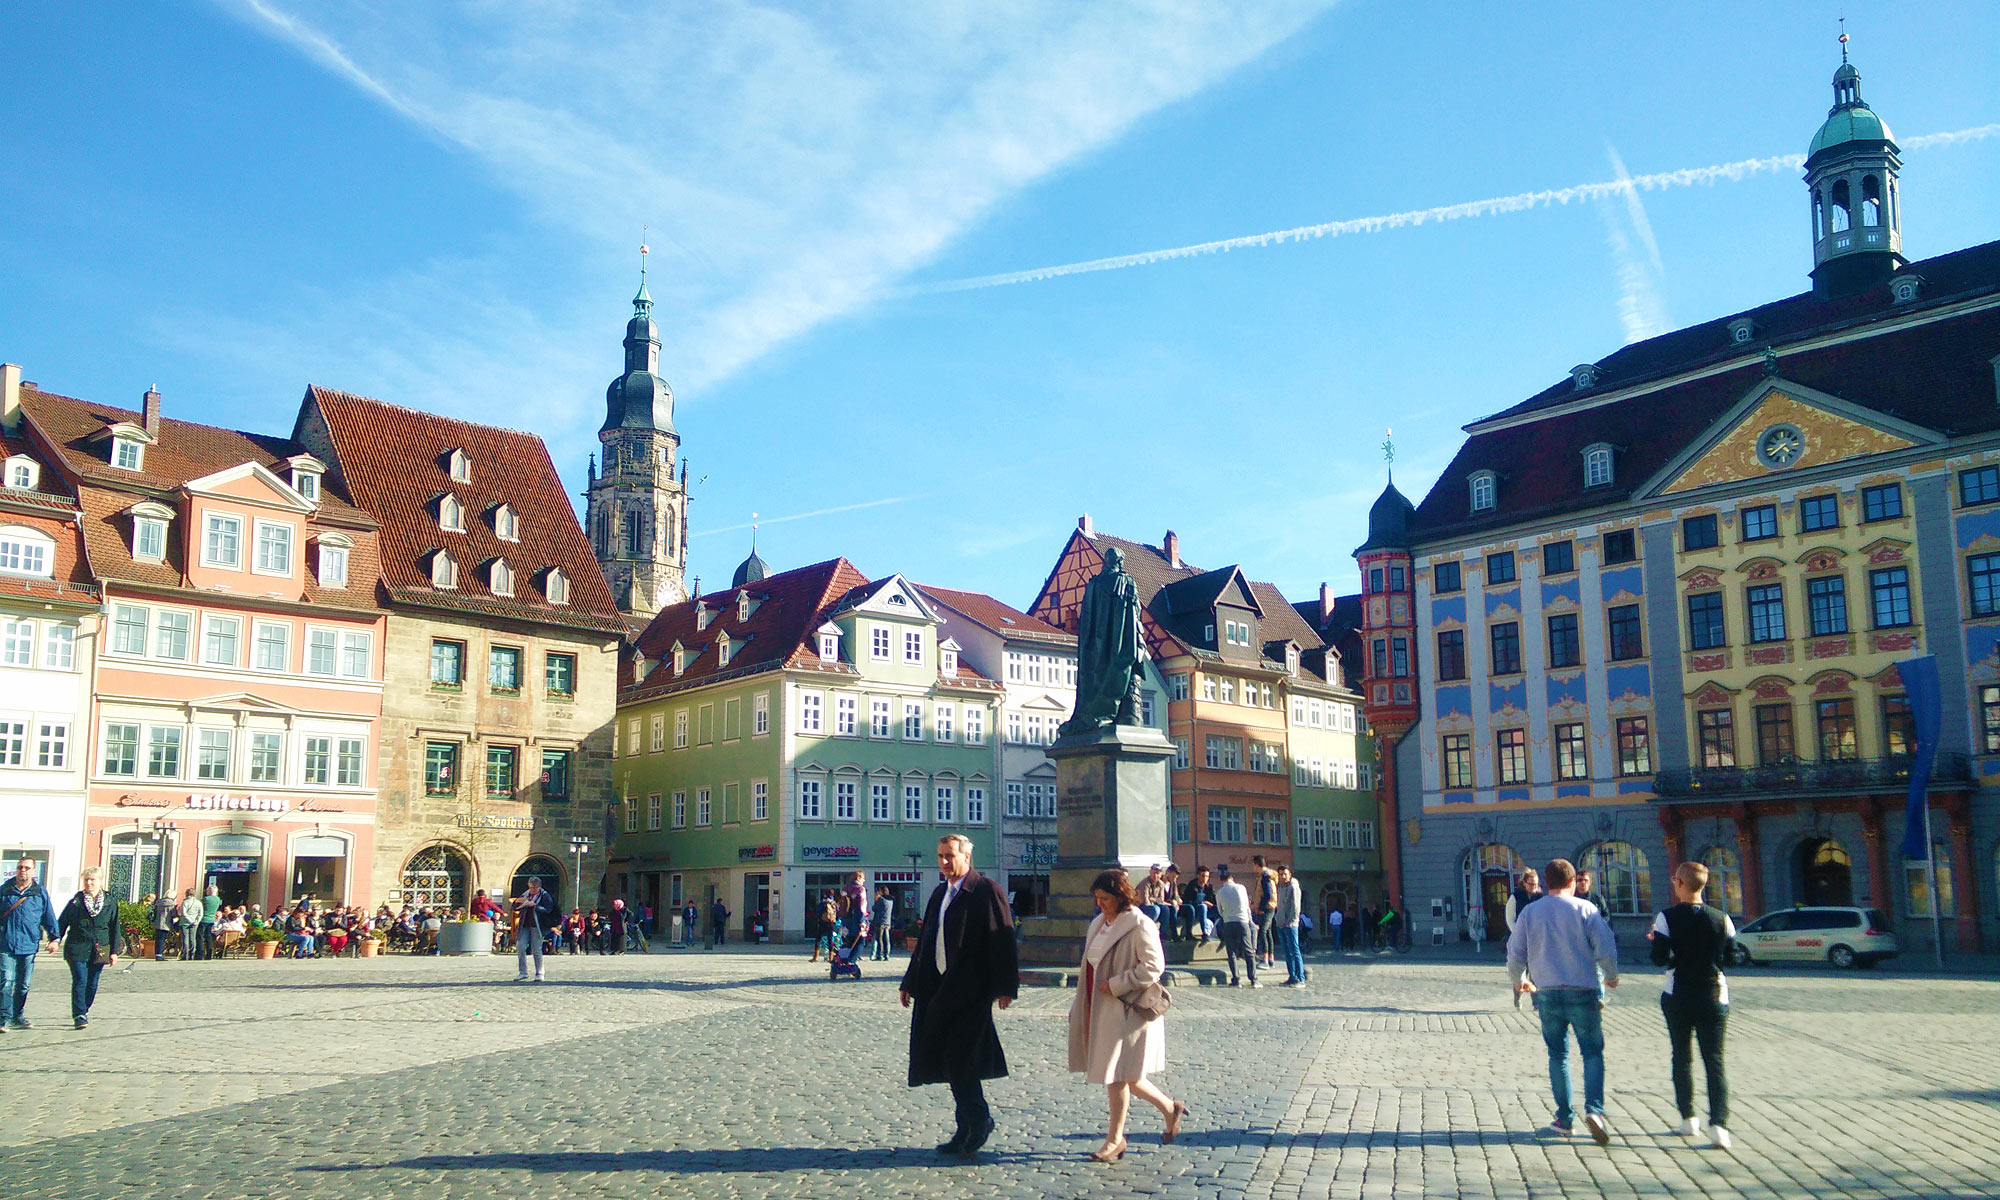 der Marktplatz von Coburg ist gesäumt vom Rathaus und Stadthaus; auf dem Platz steht ein Denkmal für Prinz Albert